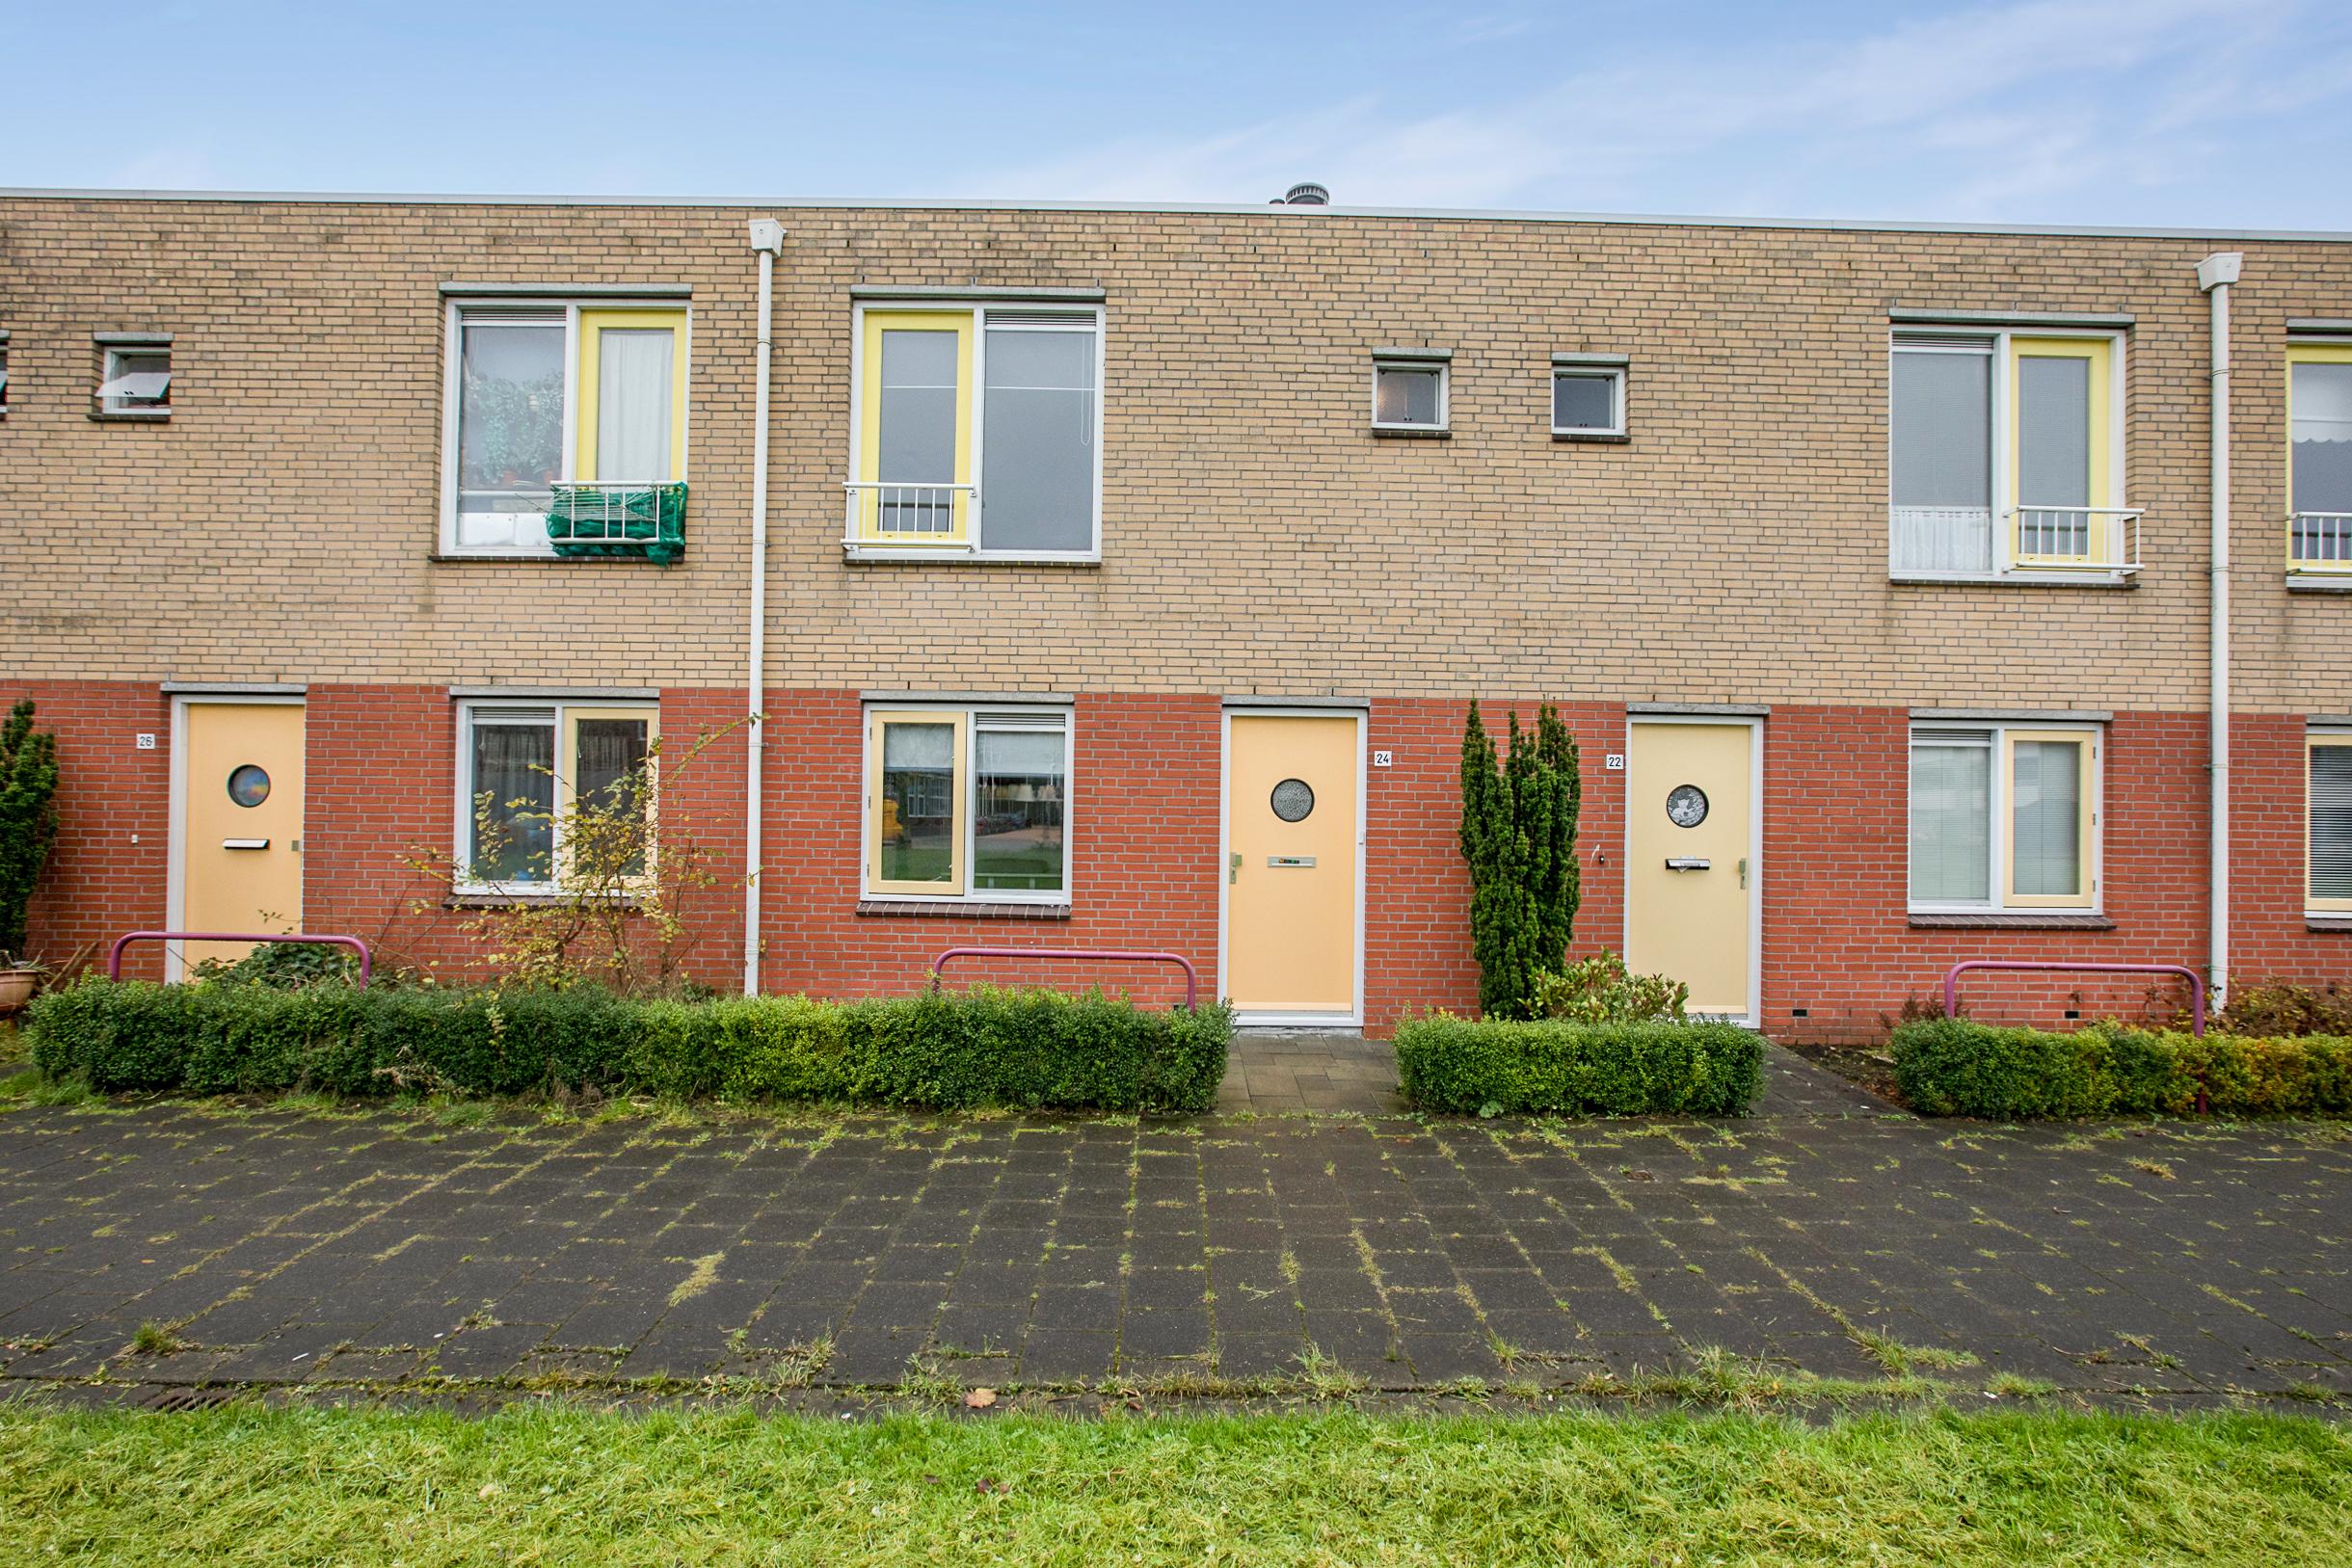 J.F. Kennedystraat 24 – Groningen